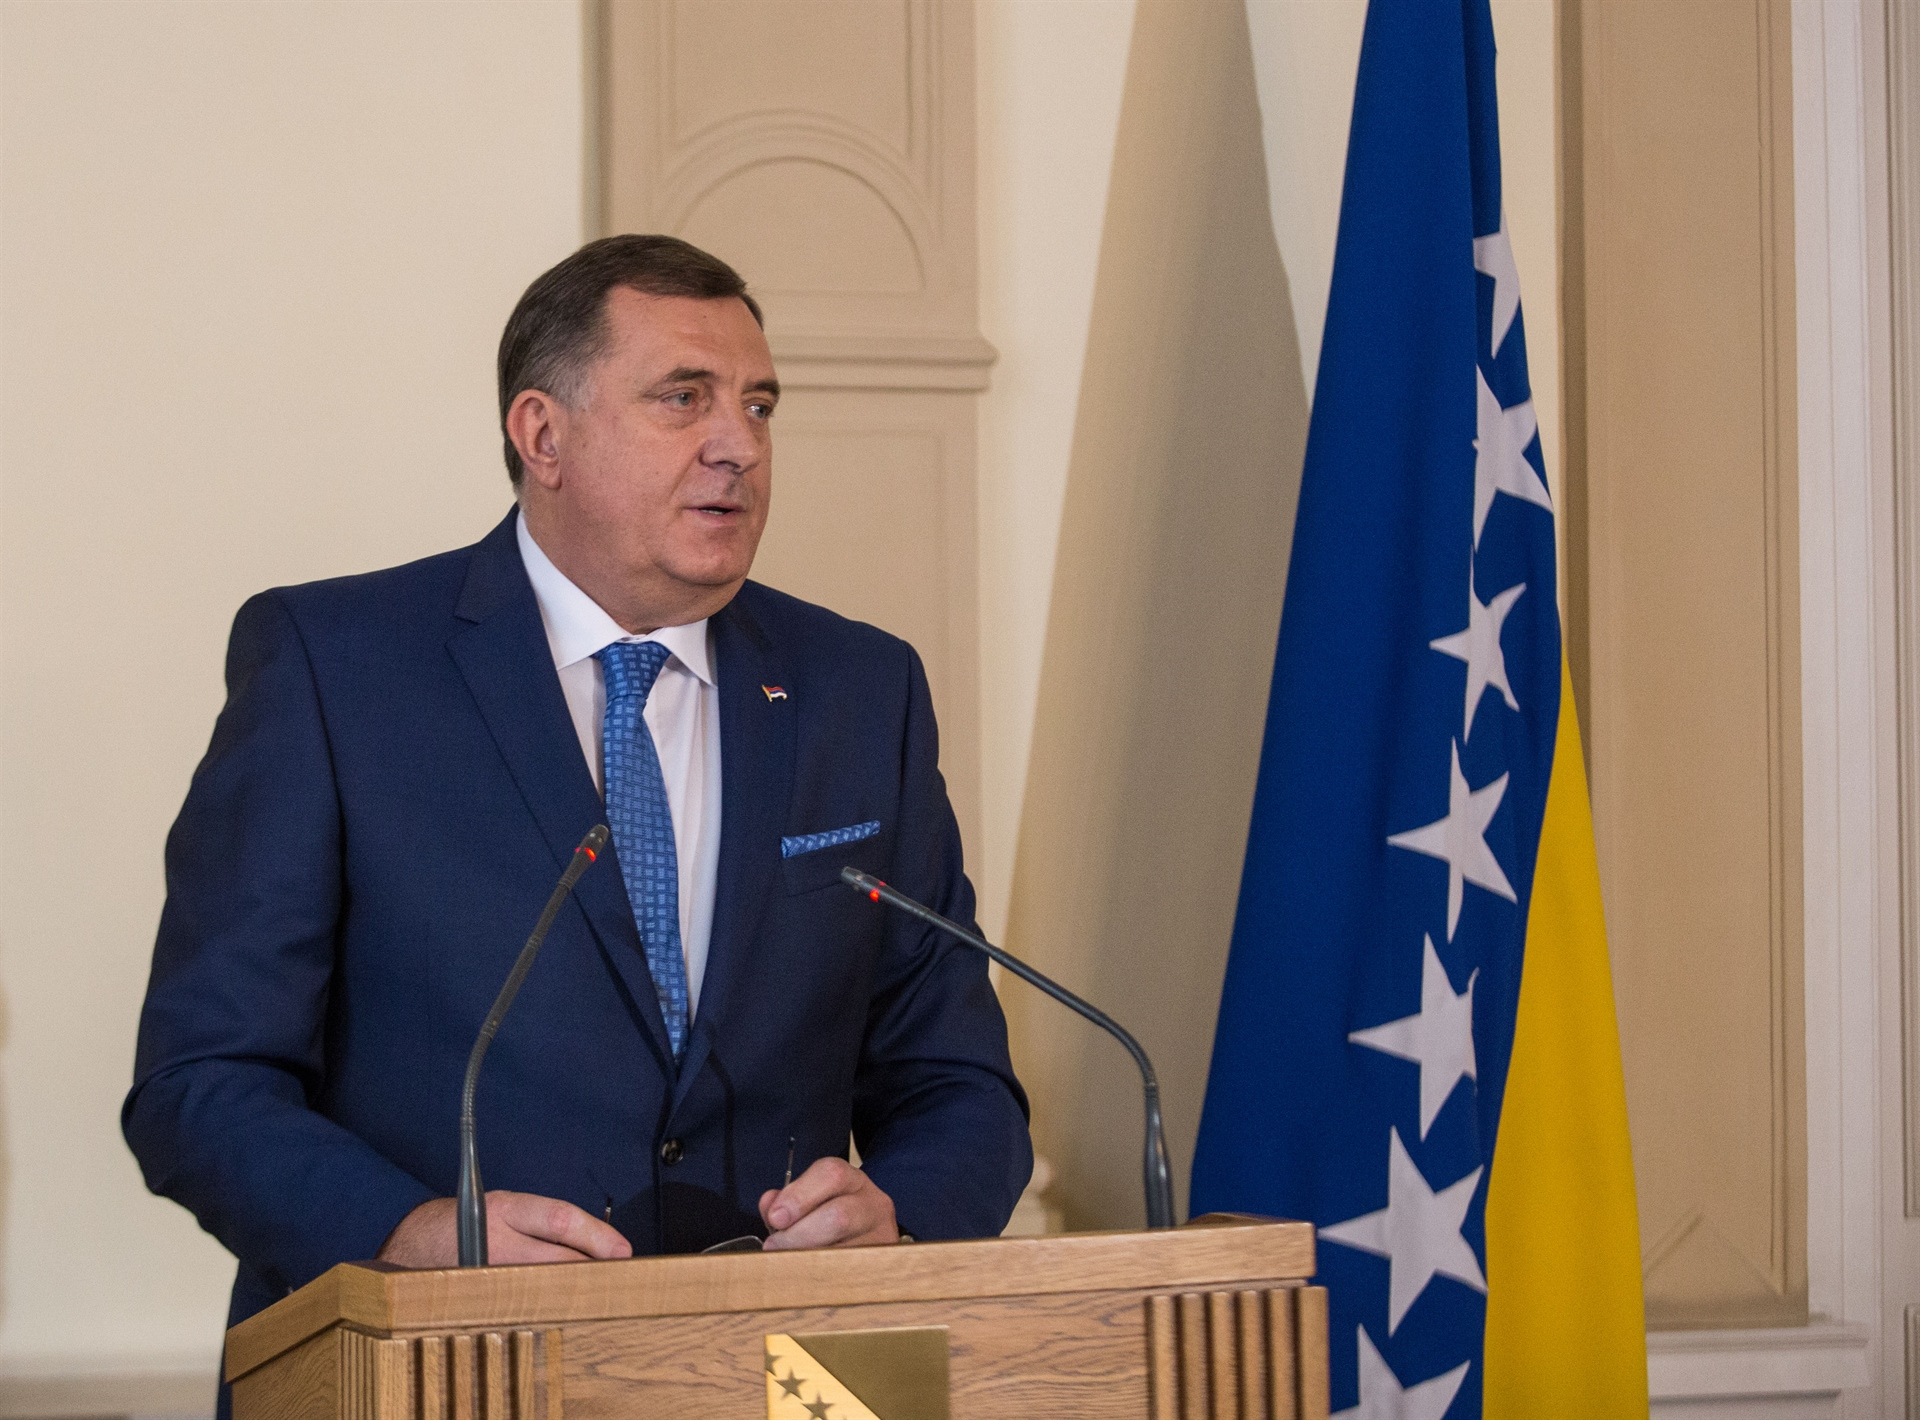 Demokratska sila: Zašto Milorad Dodik mora da ode iz Predsjedništva BiH